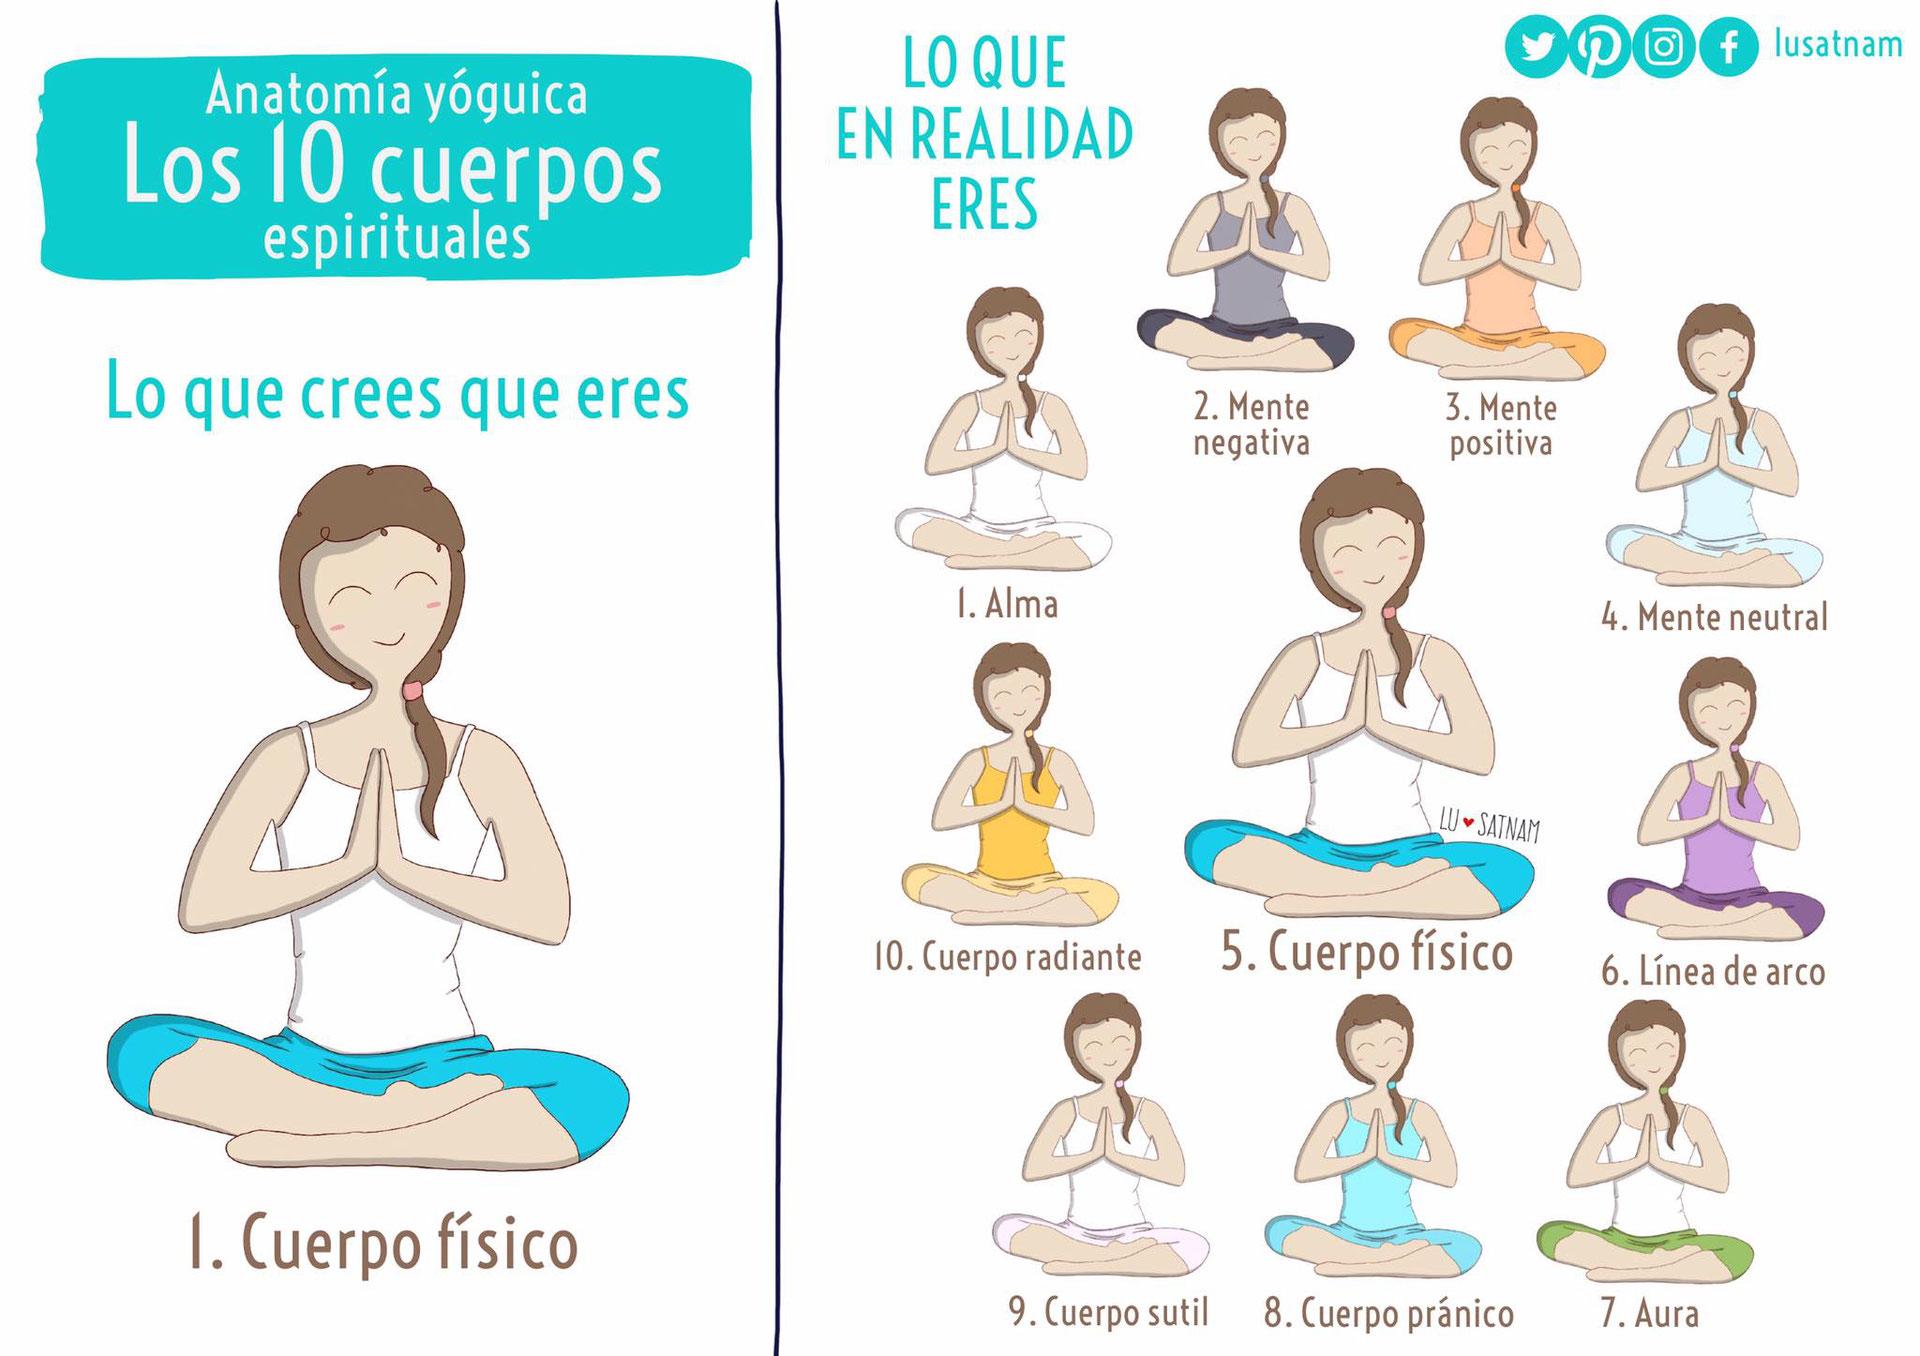 LOS 10 CUERPOS - Lusatnam. Ilustración para el alma